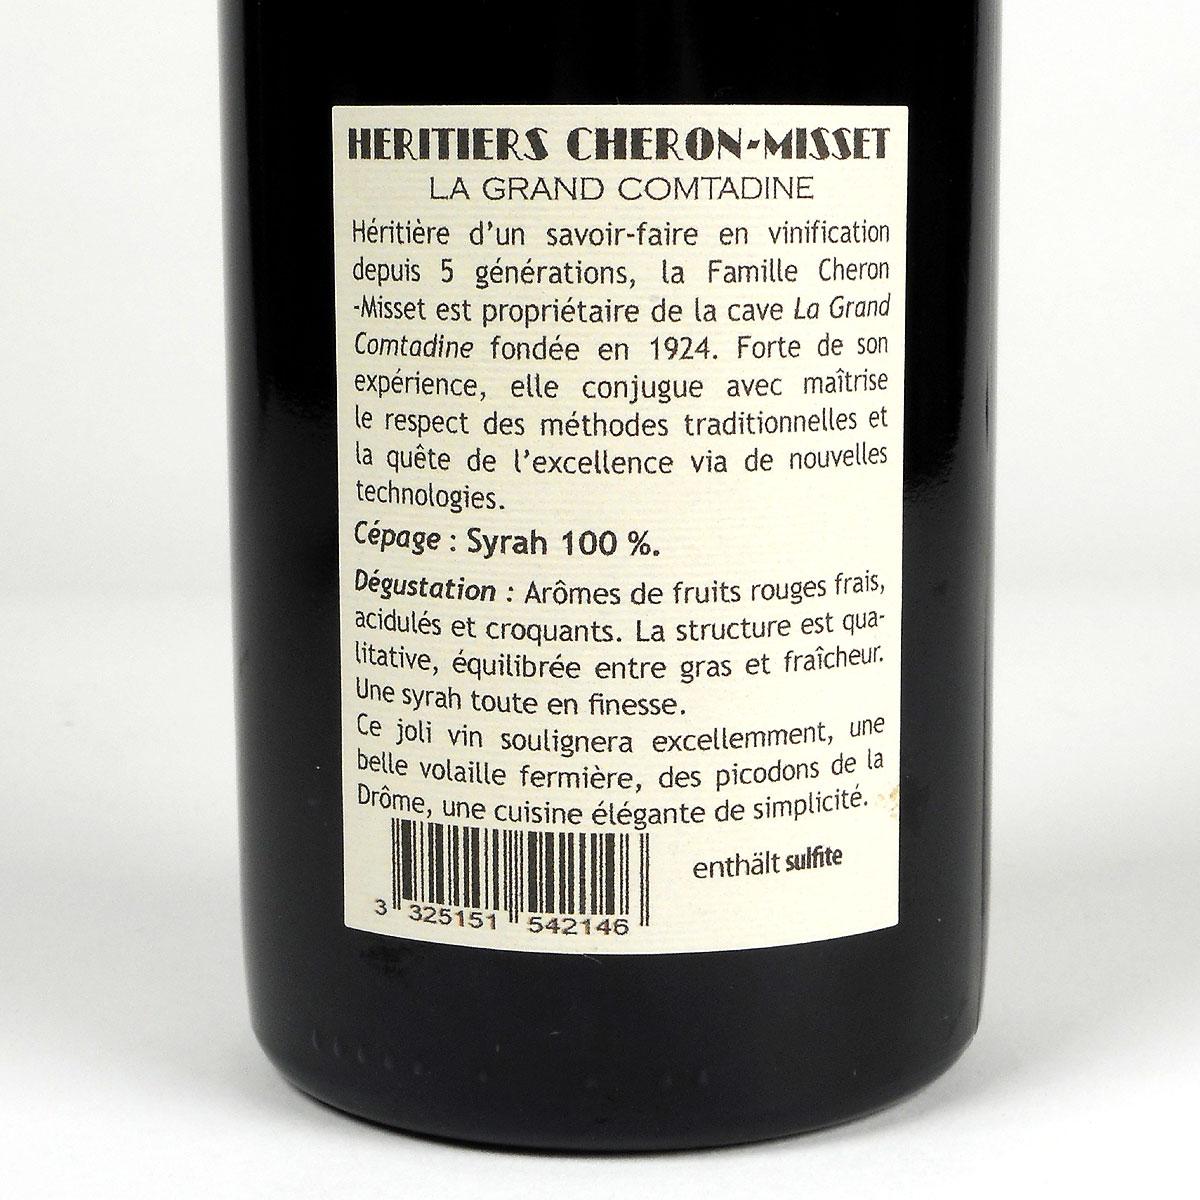 Crozes-Hermitage: Héritiers Chéron-Misset 'La Grand Comtadine' 2018 - Bottle Rear Label